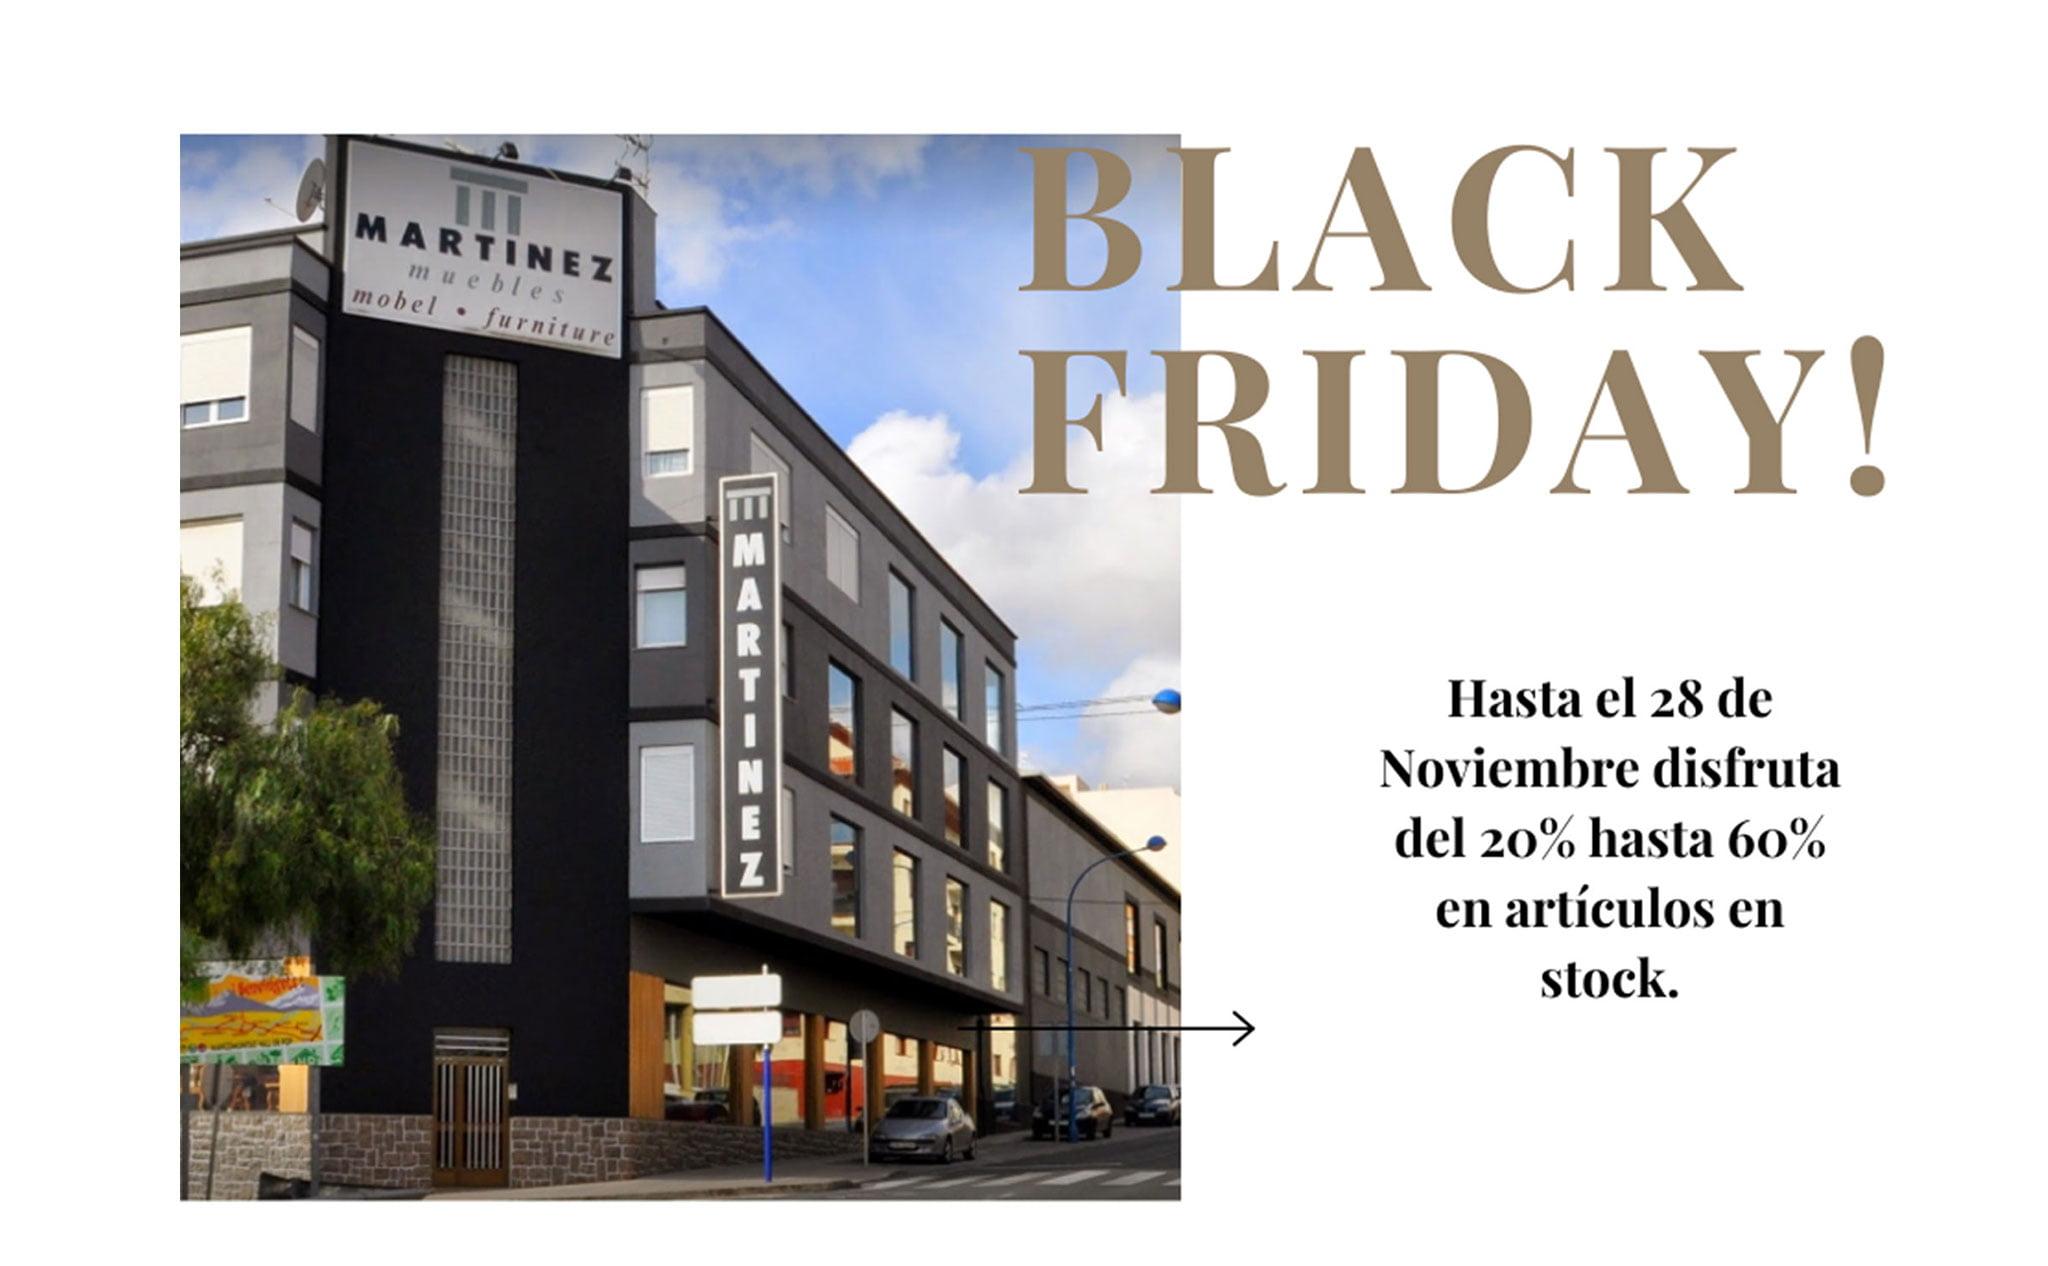 Black Friday – Muebles Martínez